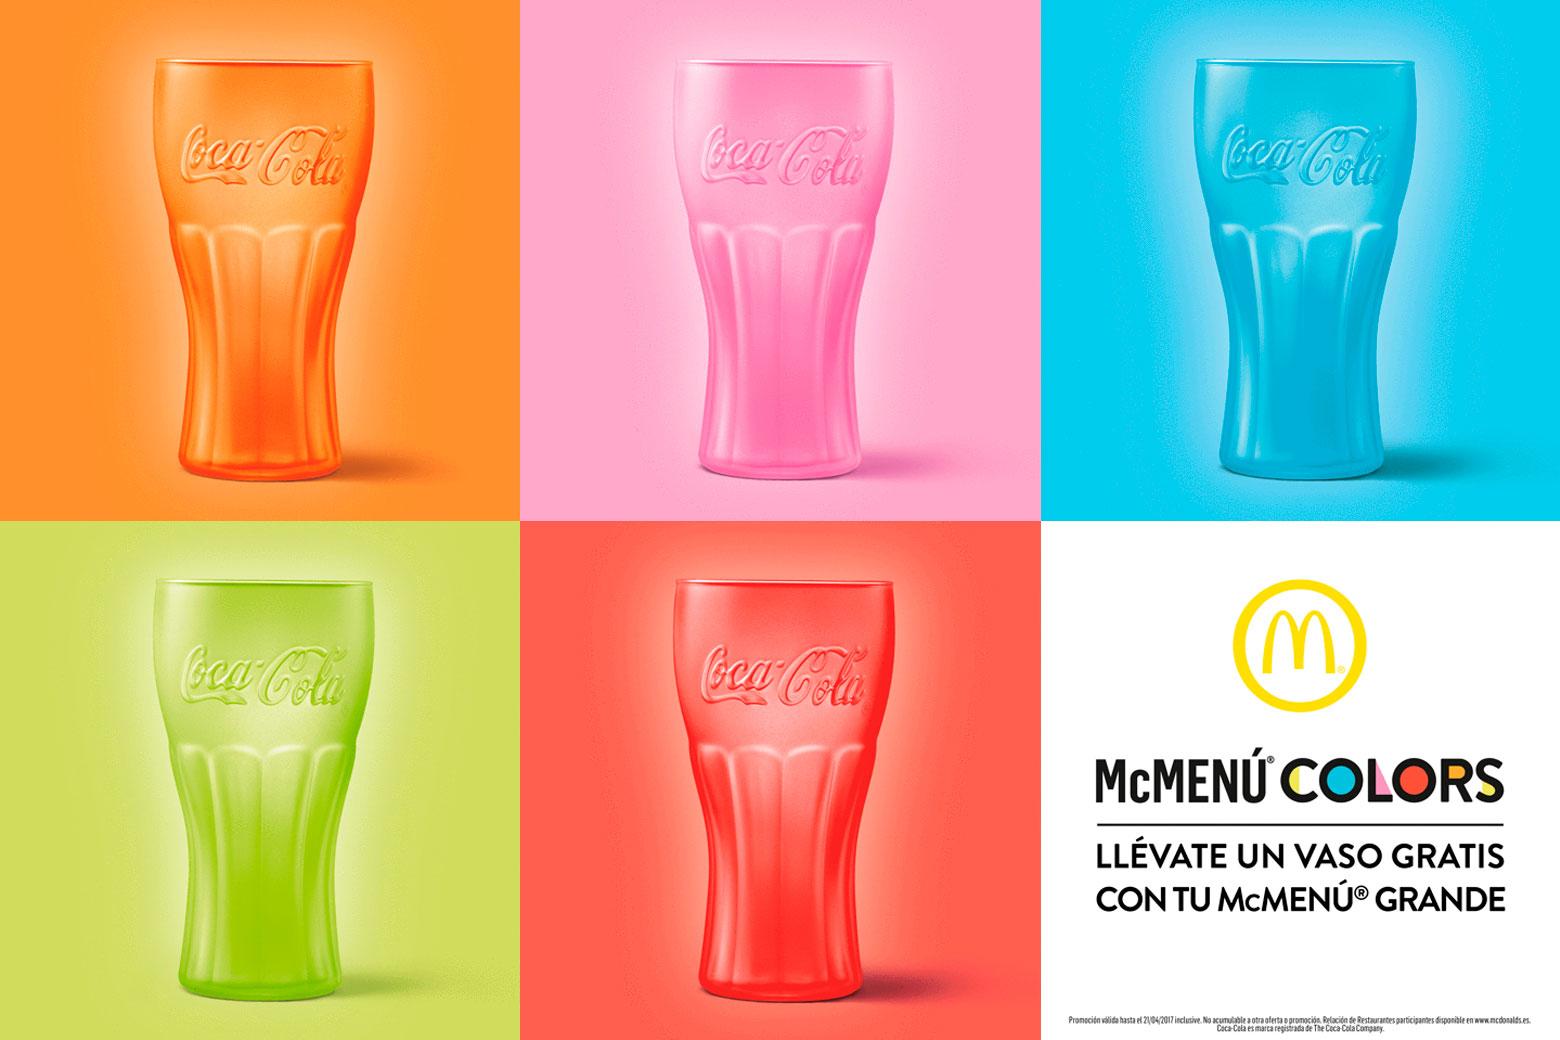 Promoción #McDChallenge: Vasos gratis de Coca-Cola